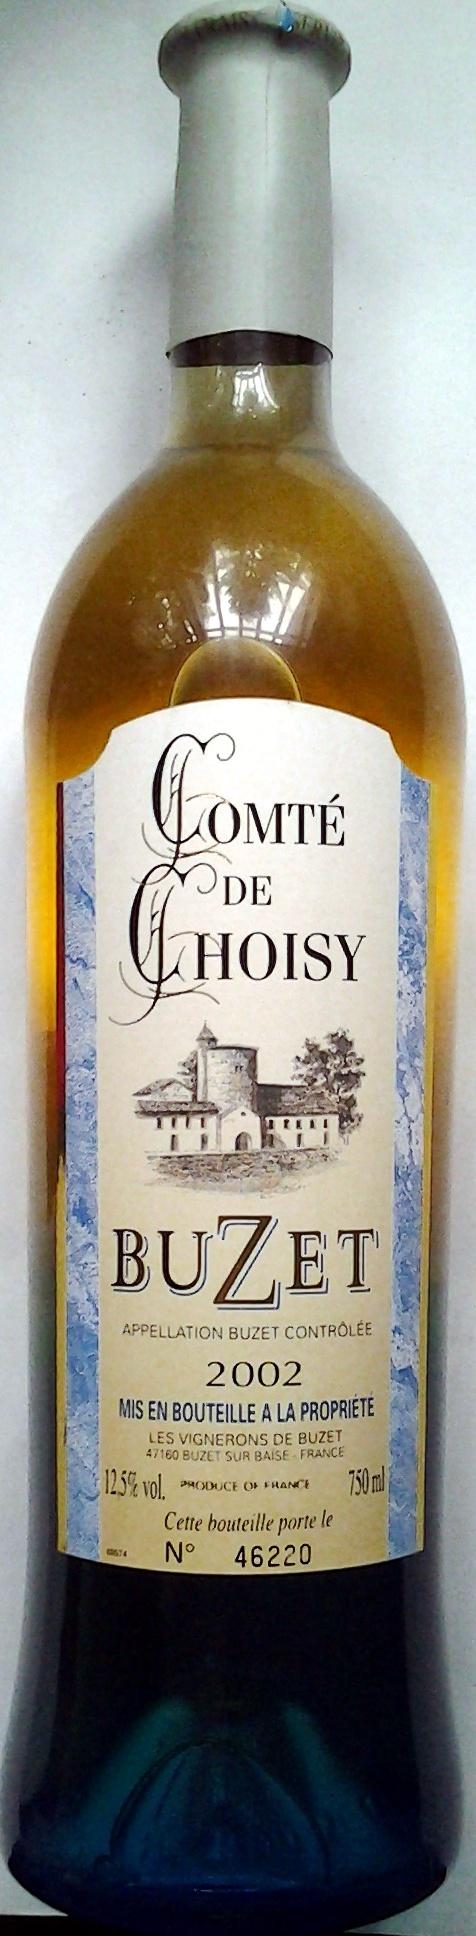 Comté de Choisy Buzet 2002 - Produit